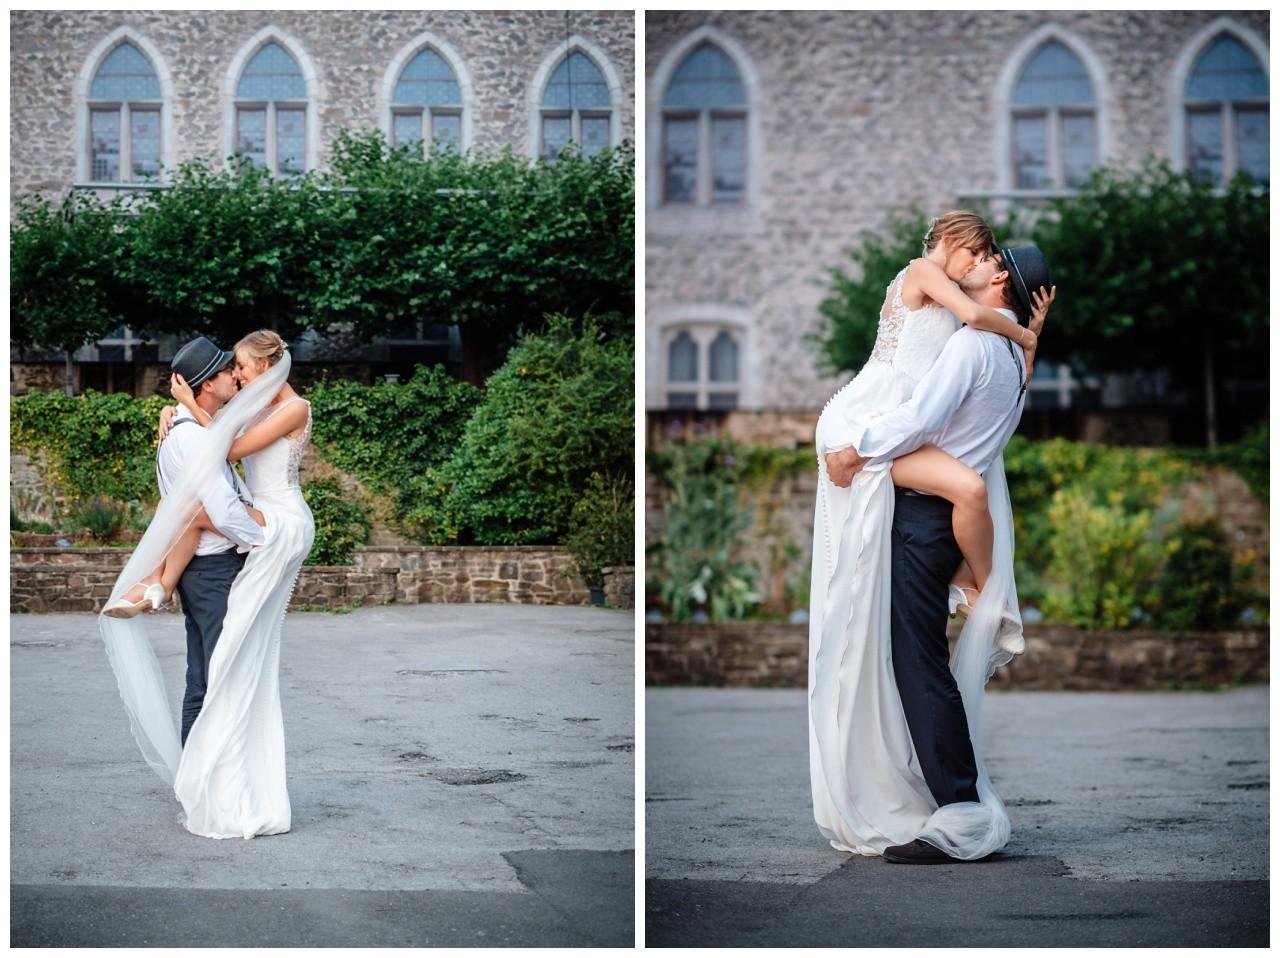 Hochzeit Schloss Burg solingen heiraten hochzietsfotograf 73 - Hochzeit auf Schloss Burg